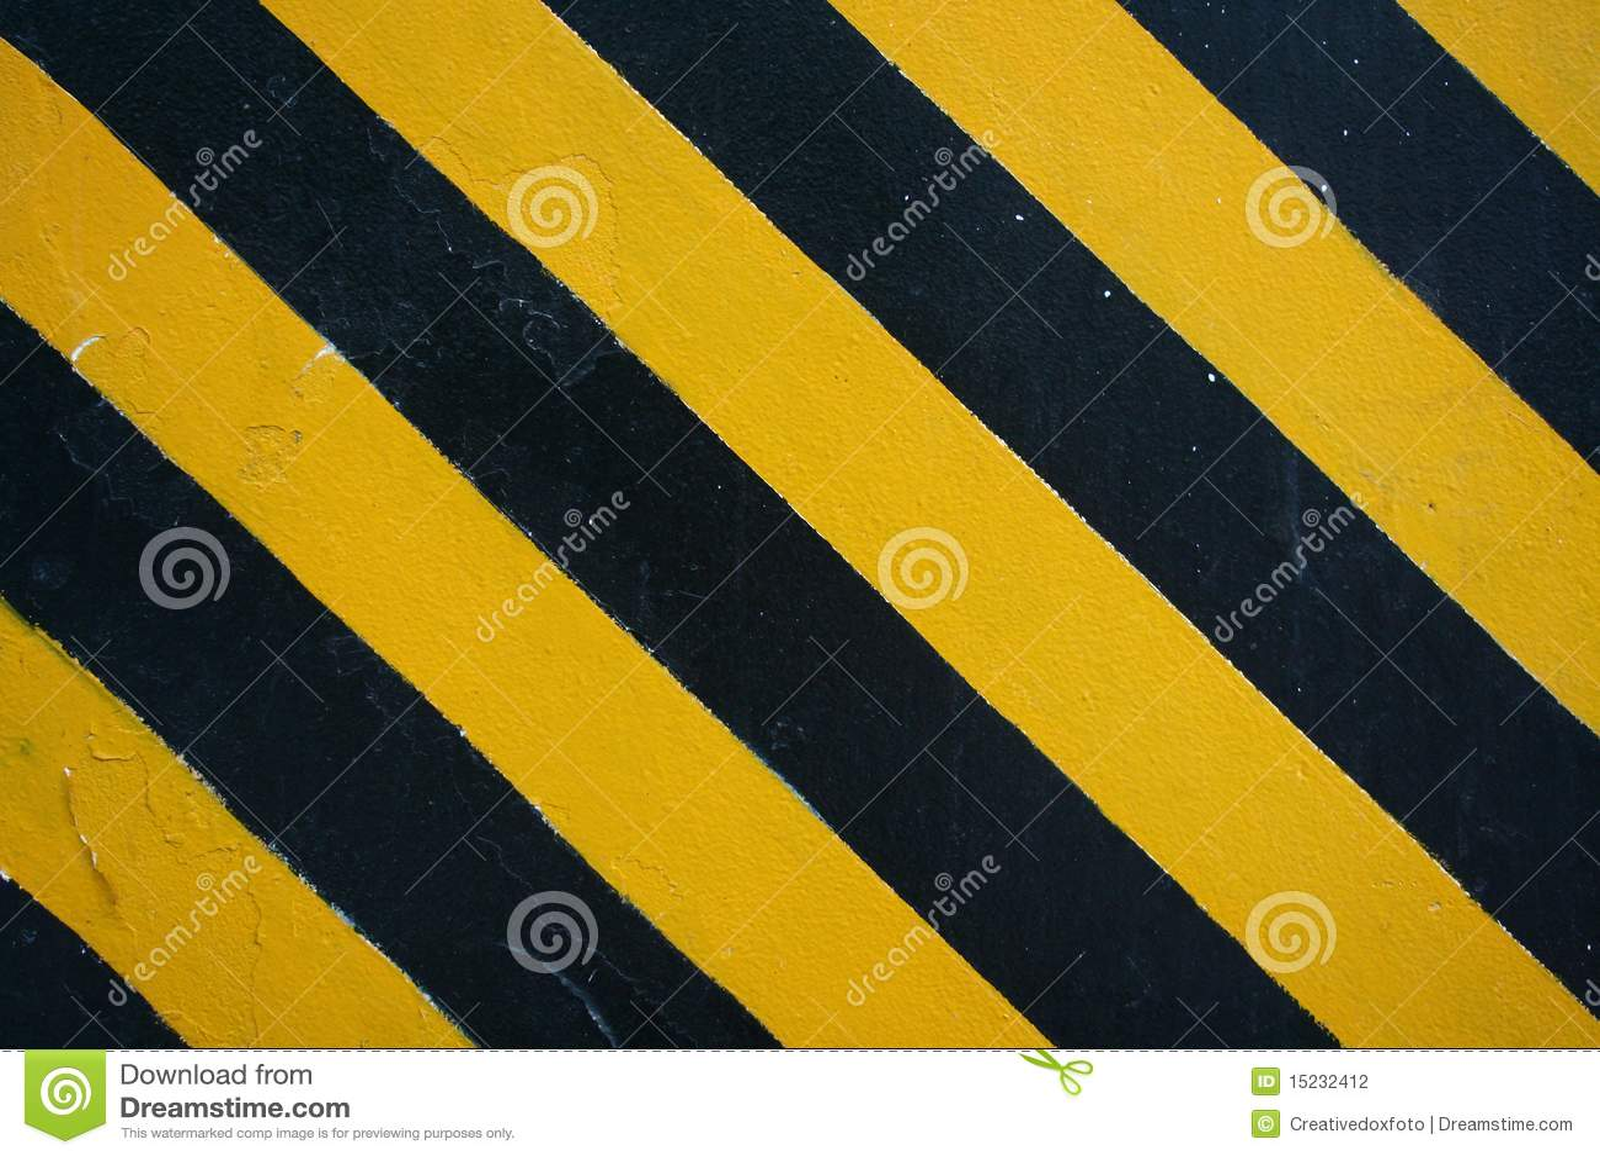 de zwarte gele strepen het gevaar stock illustratie